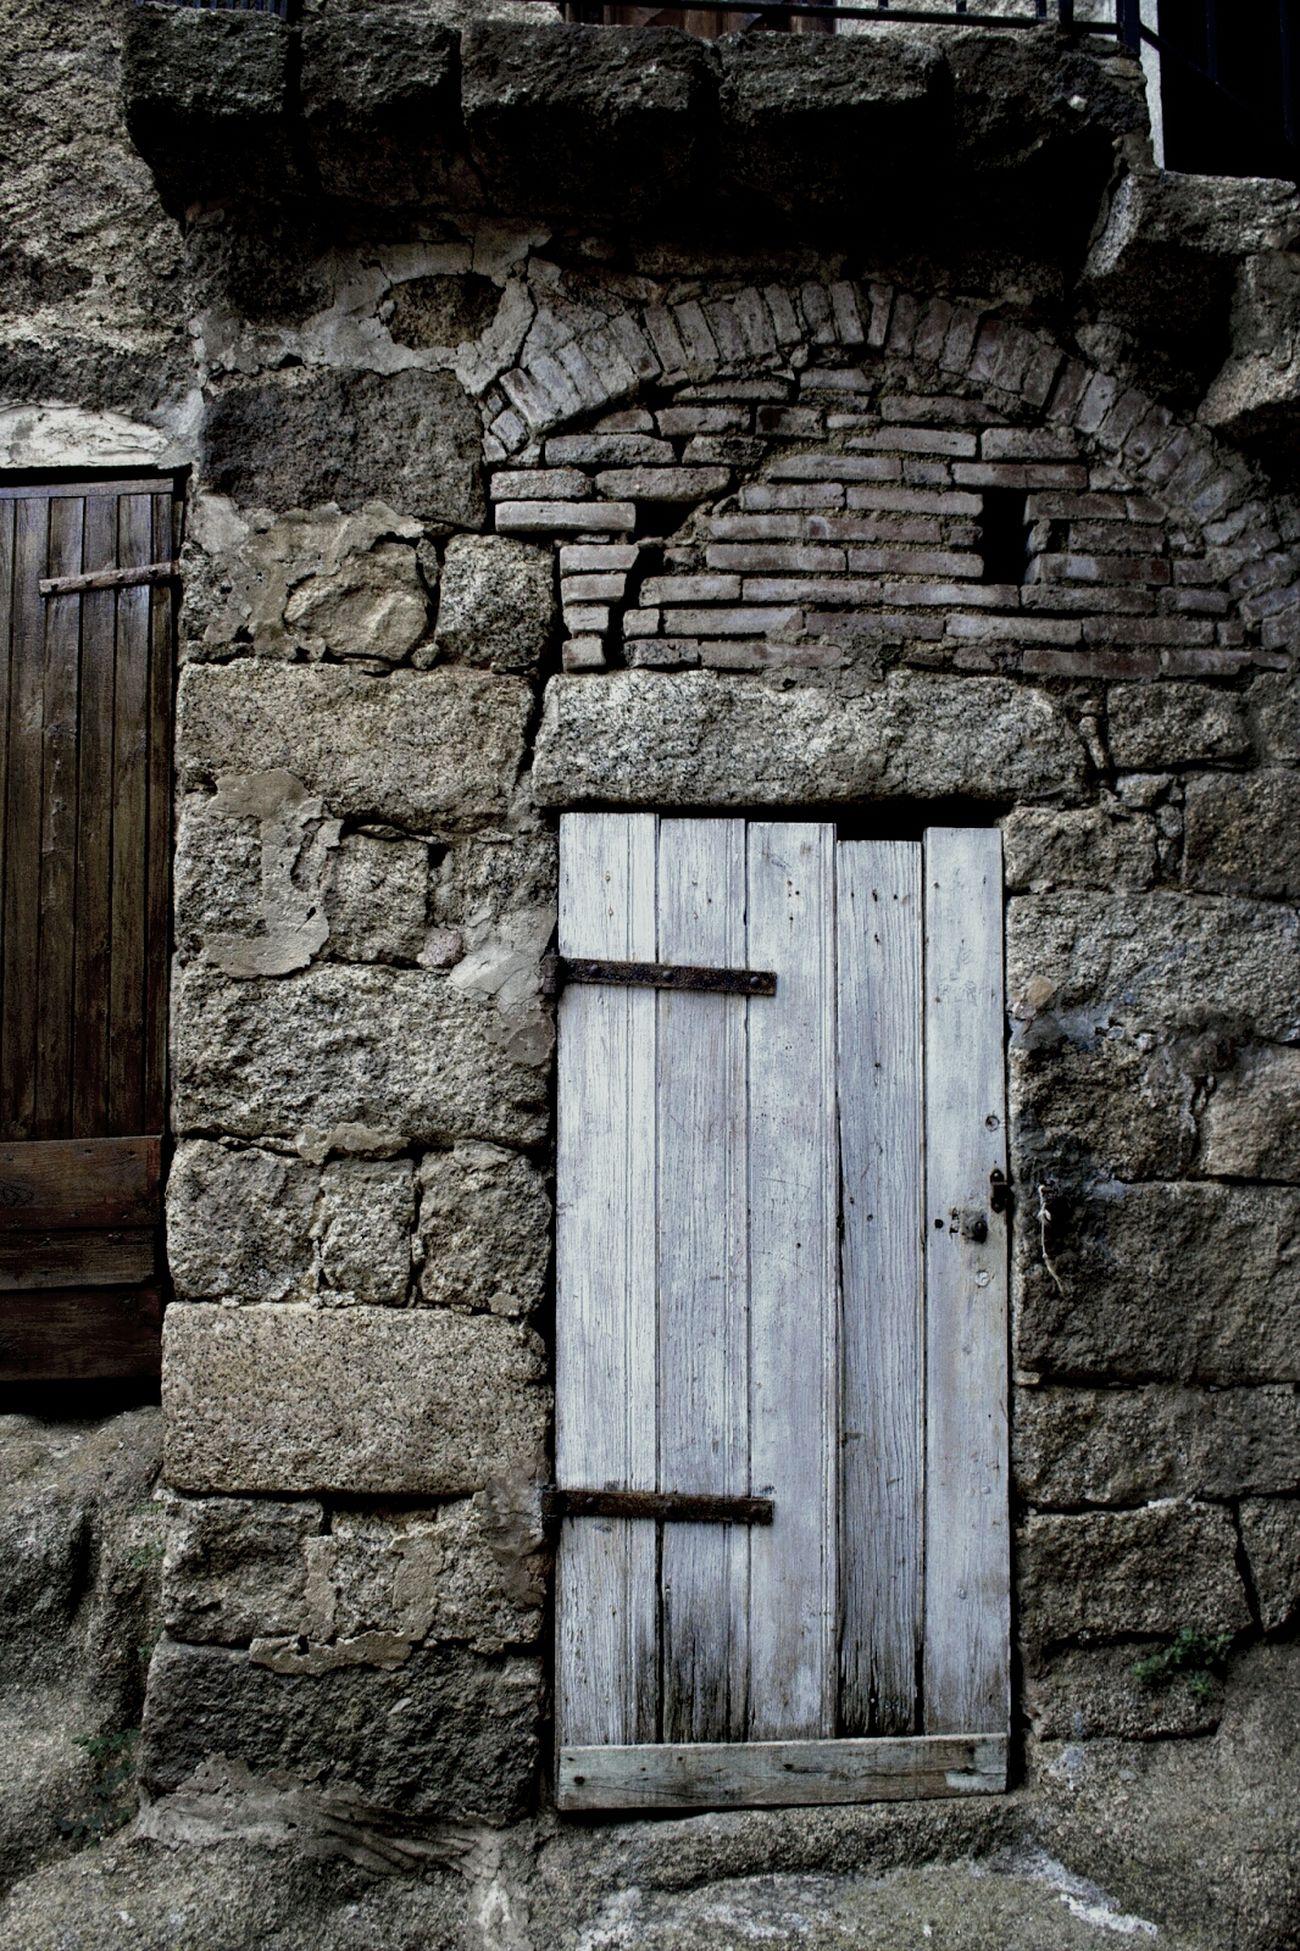 """Village de Sartène en Corse: """"la plus corse des villes corses"""" - Sartène village: """"The most corsican of all corsican cities"""" Street Photography Pittoresque Village Corse"""